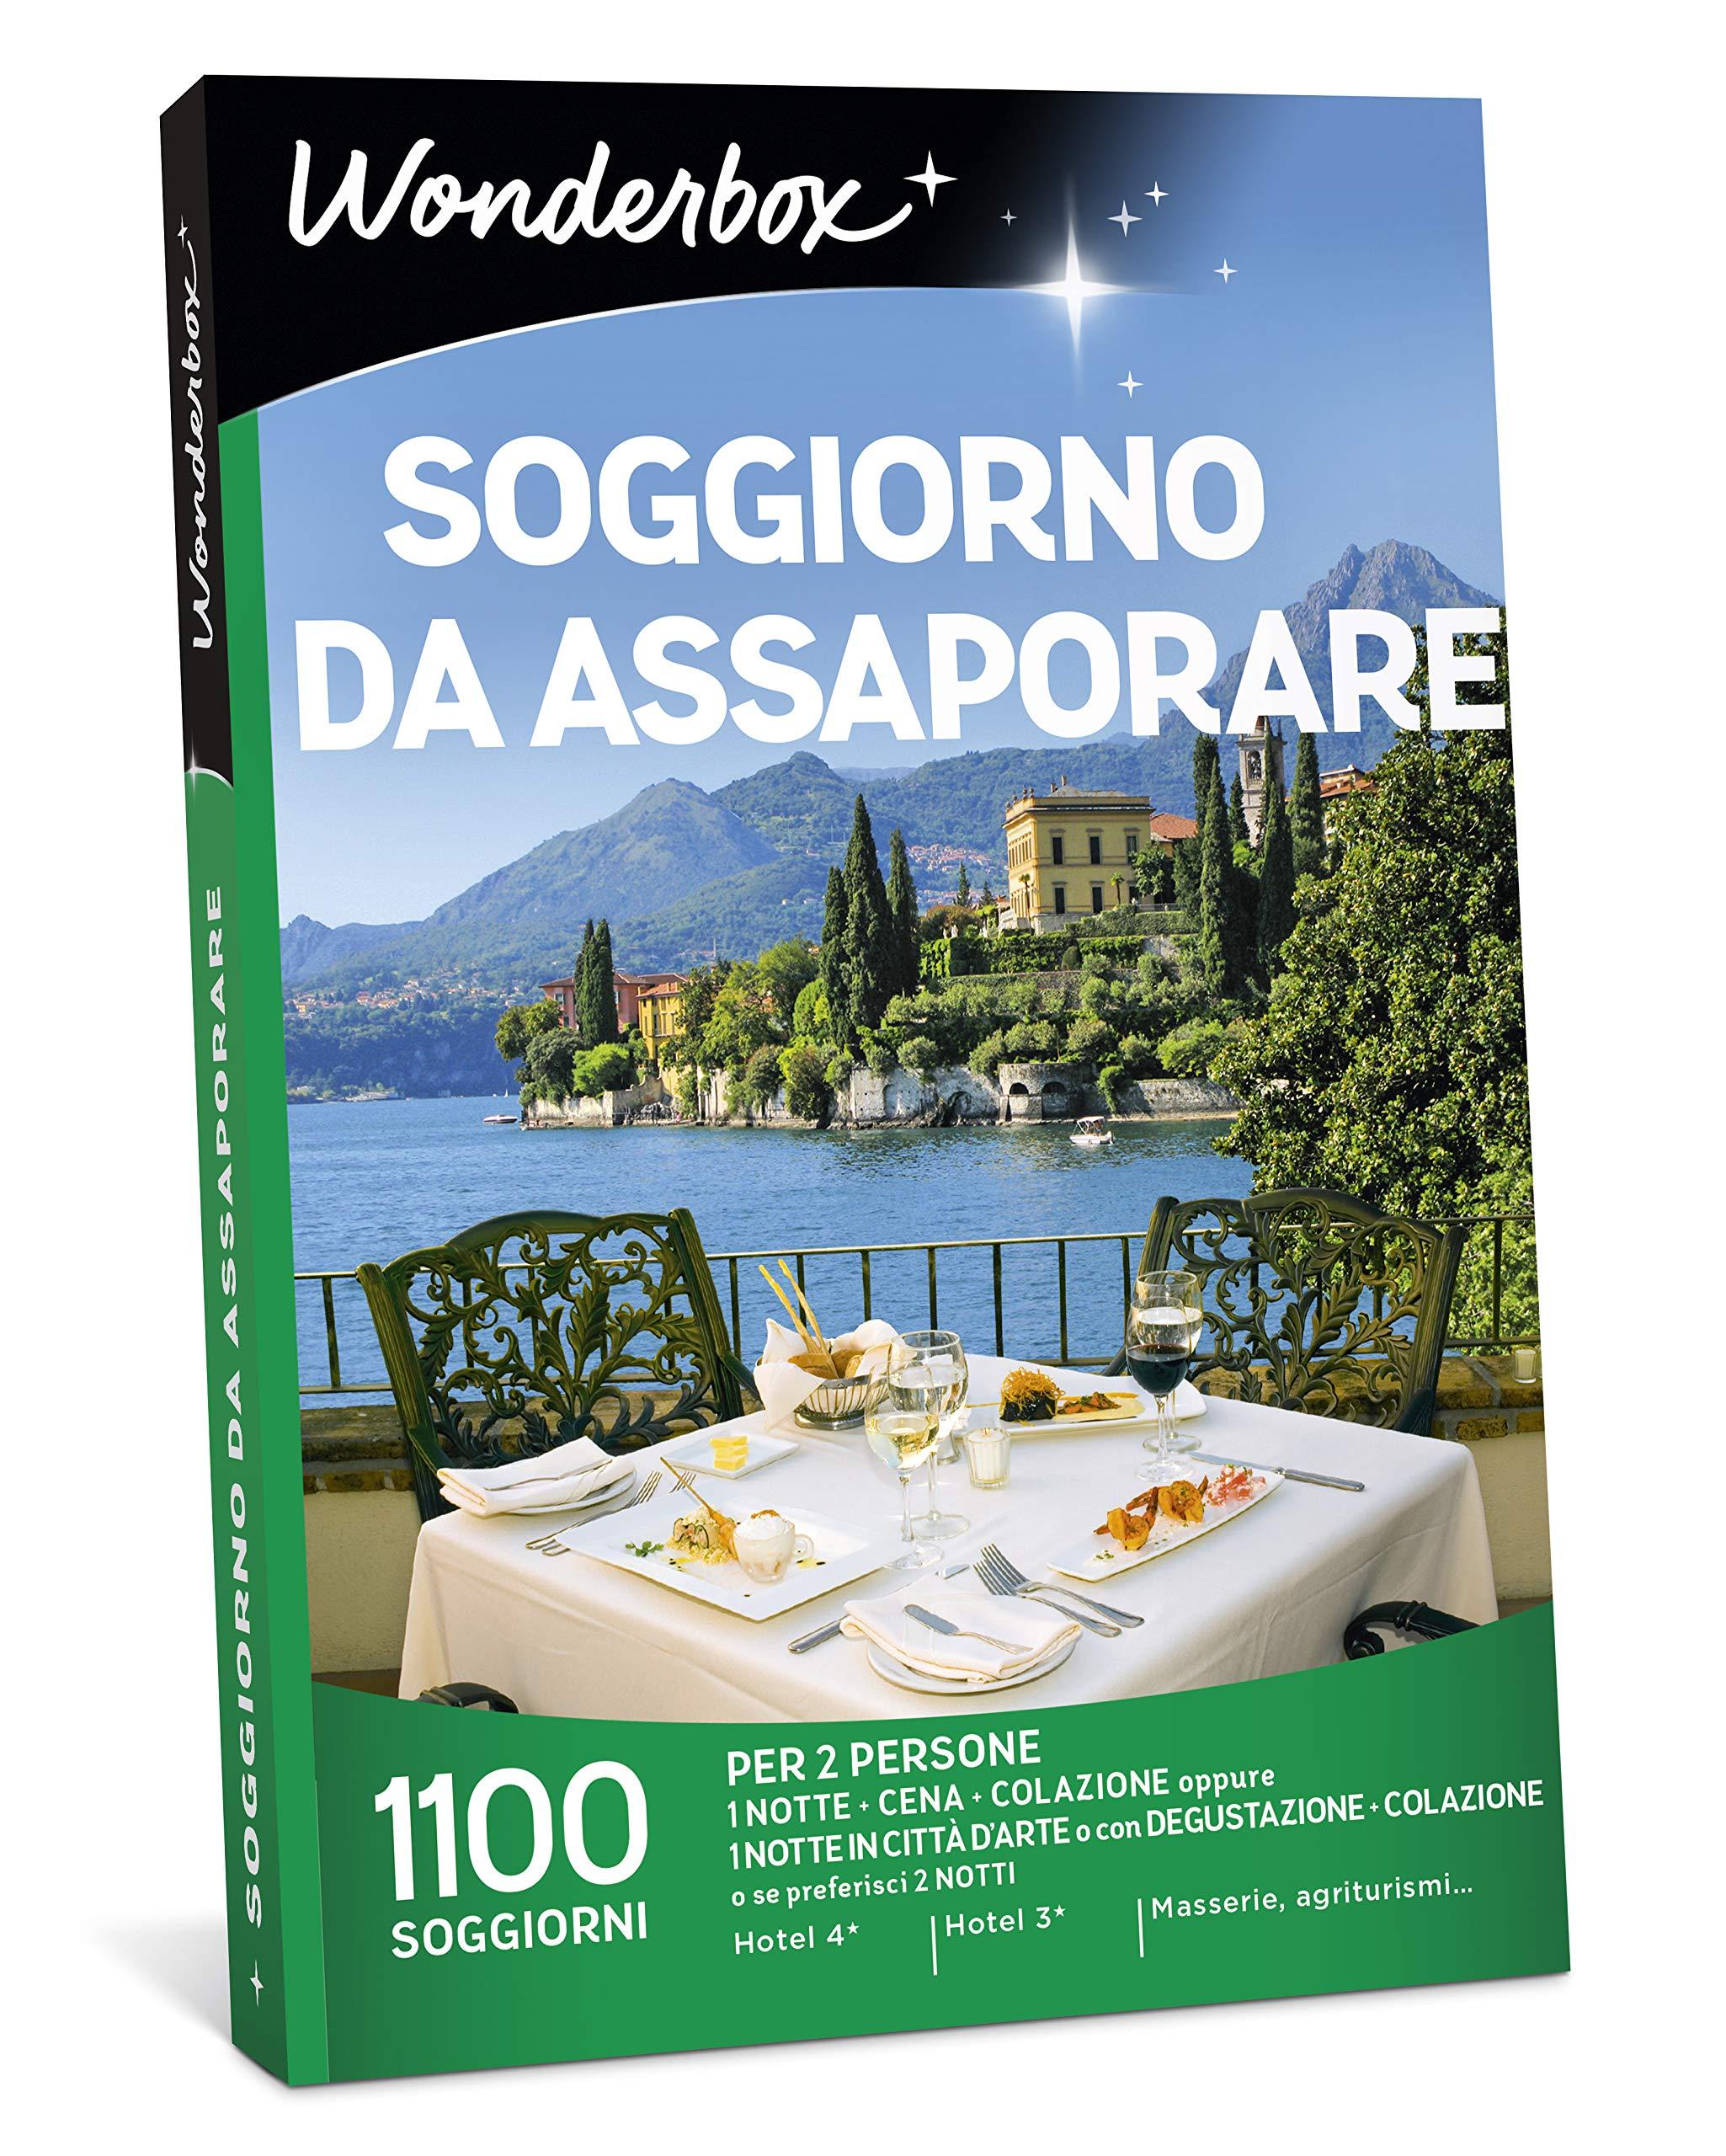 WONDERBOX Cofanetto Regalo - Soggiorno da ASSAPORARE - 1100 SOGGIORNI per 2  Persone